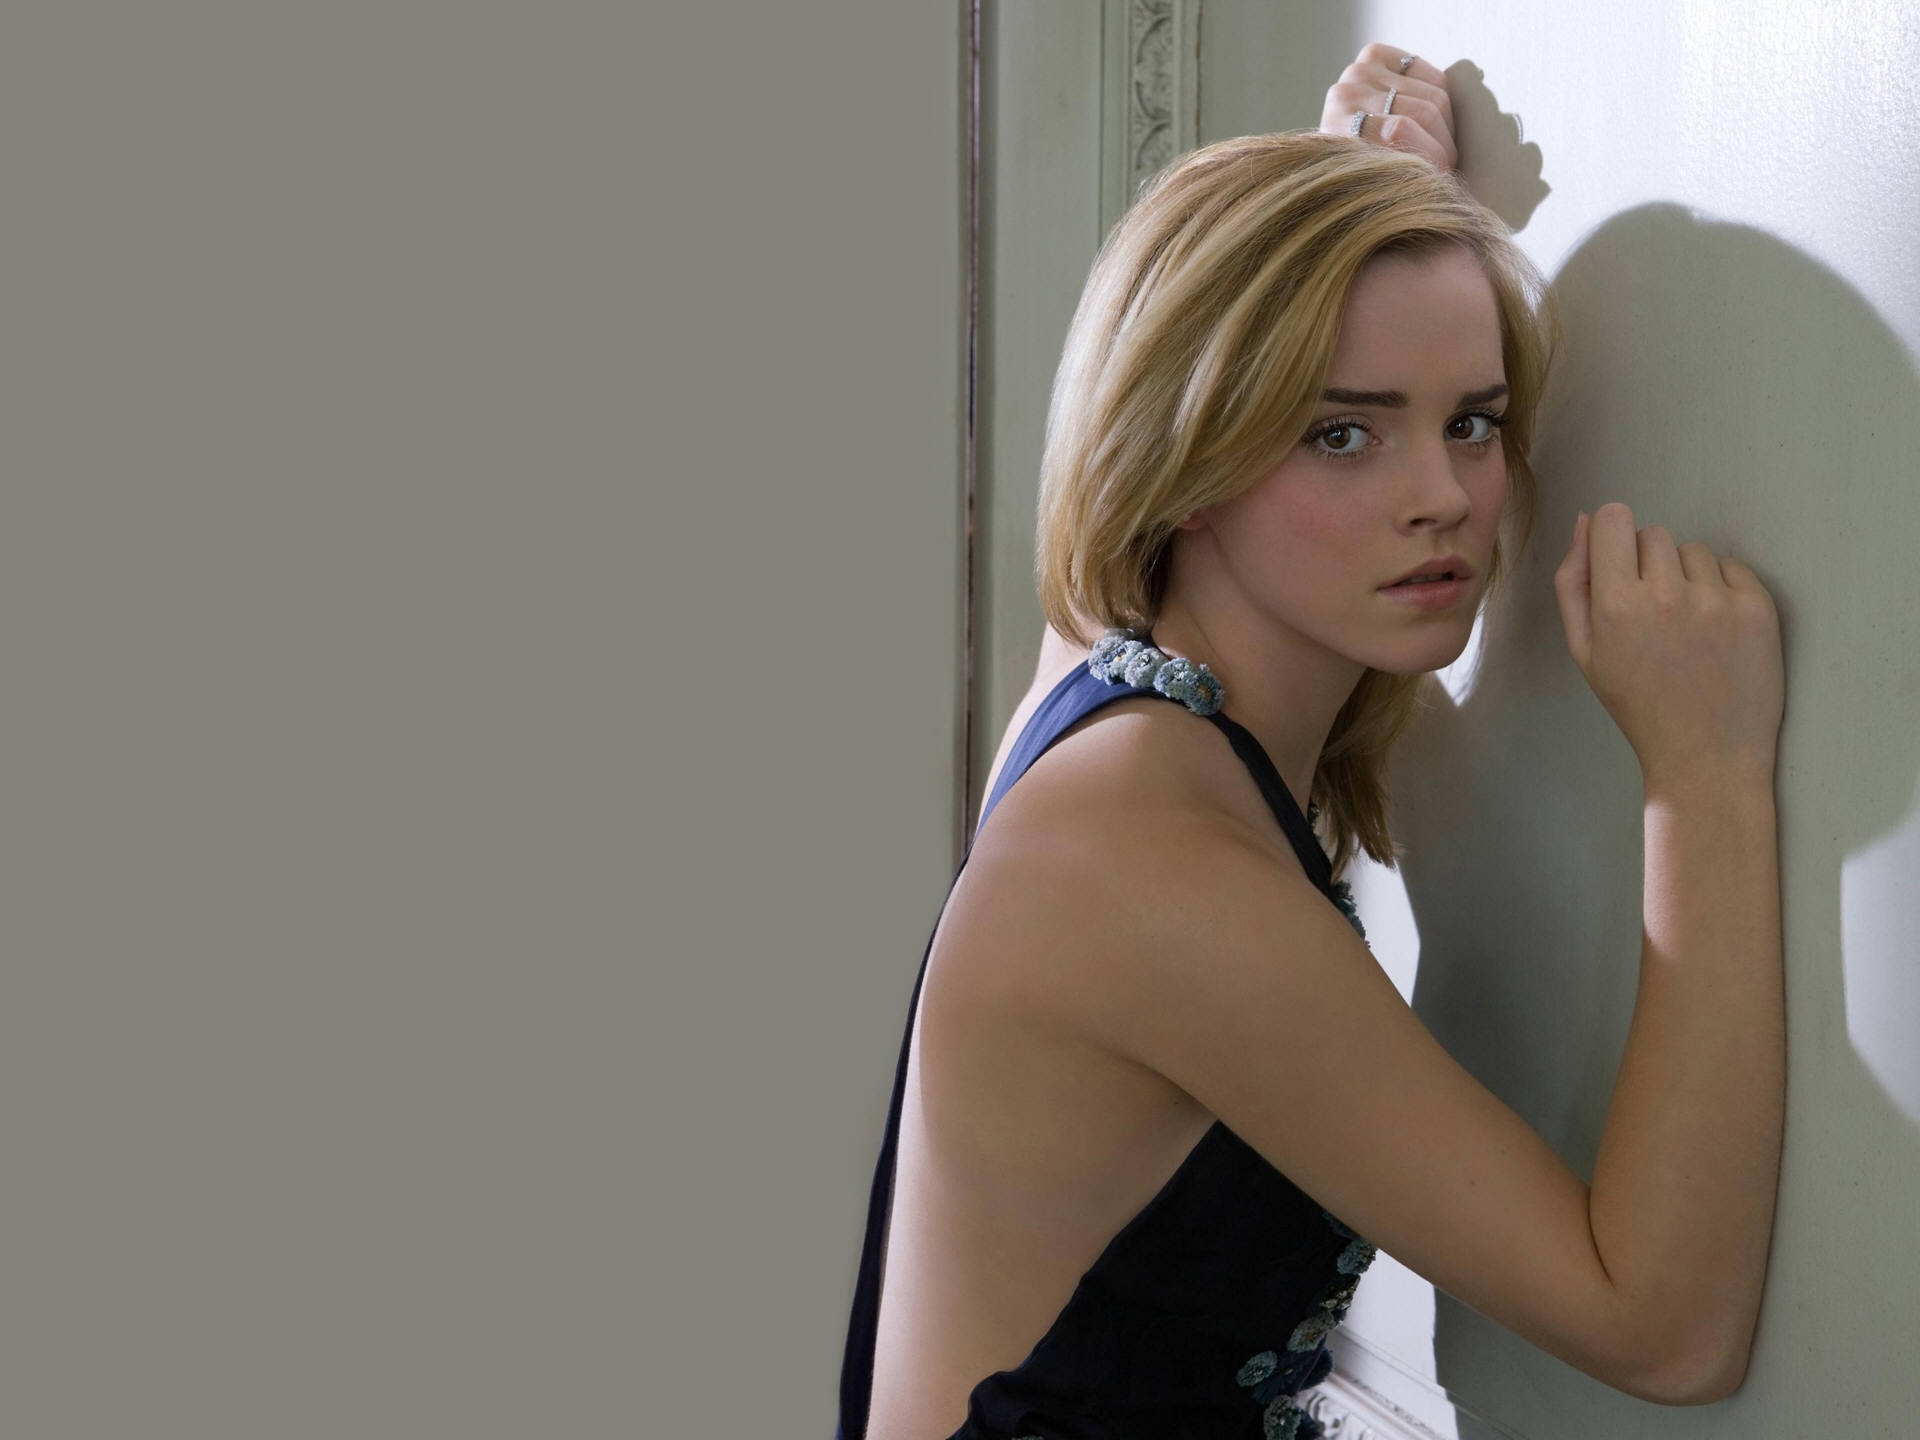 Emma Watson HD Wallpapers 2015 1920x1440